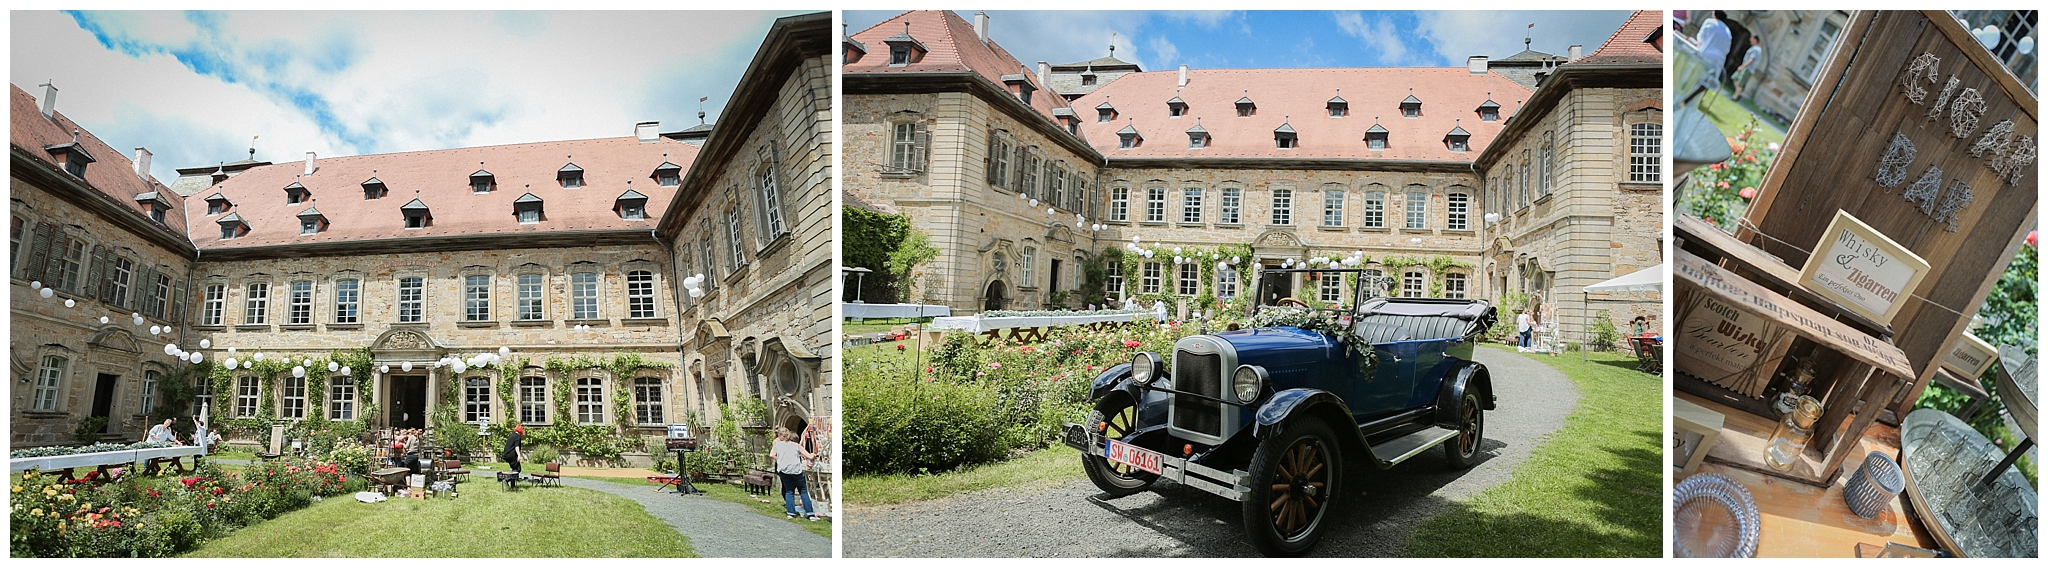 Hochzeit_Menninger_dieLICHTBUILDER_17.jpg